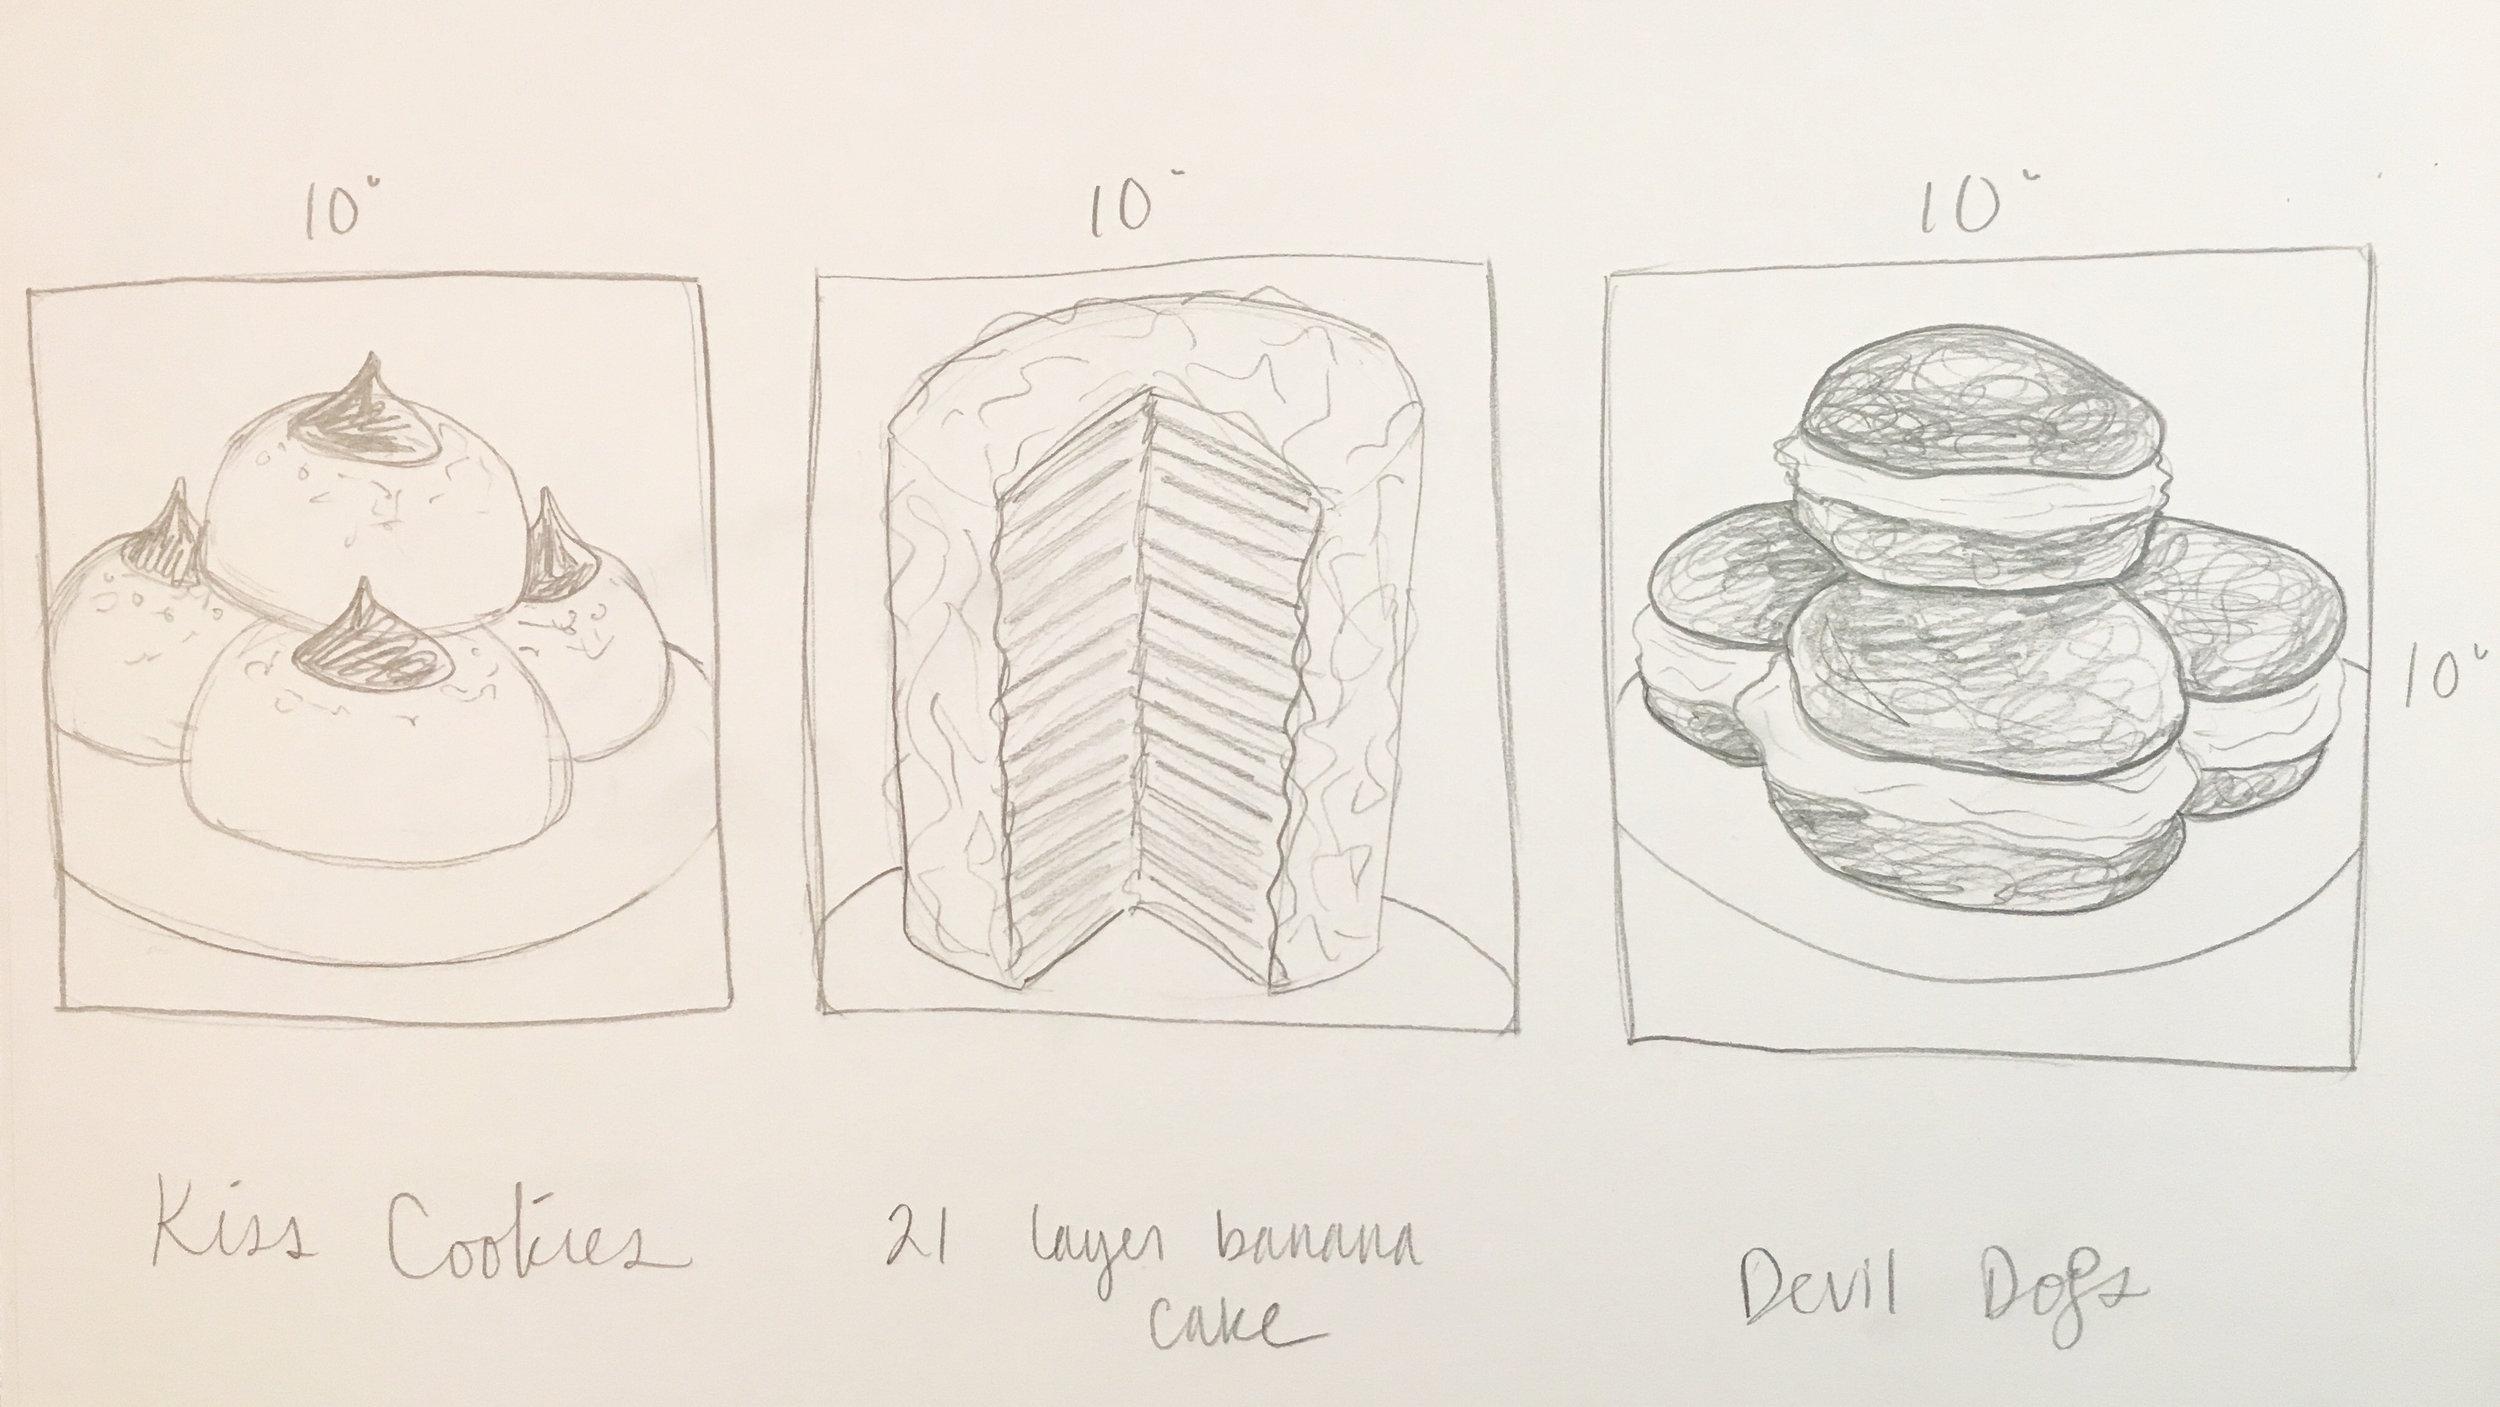 The original sketches!